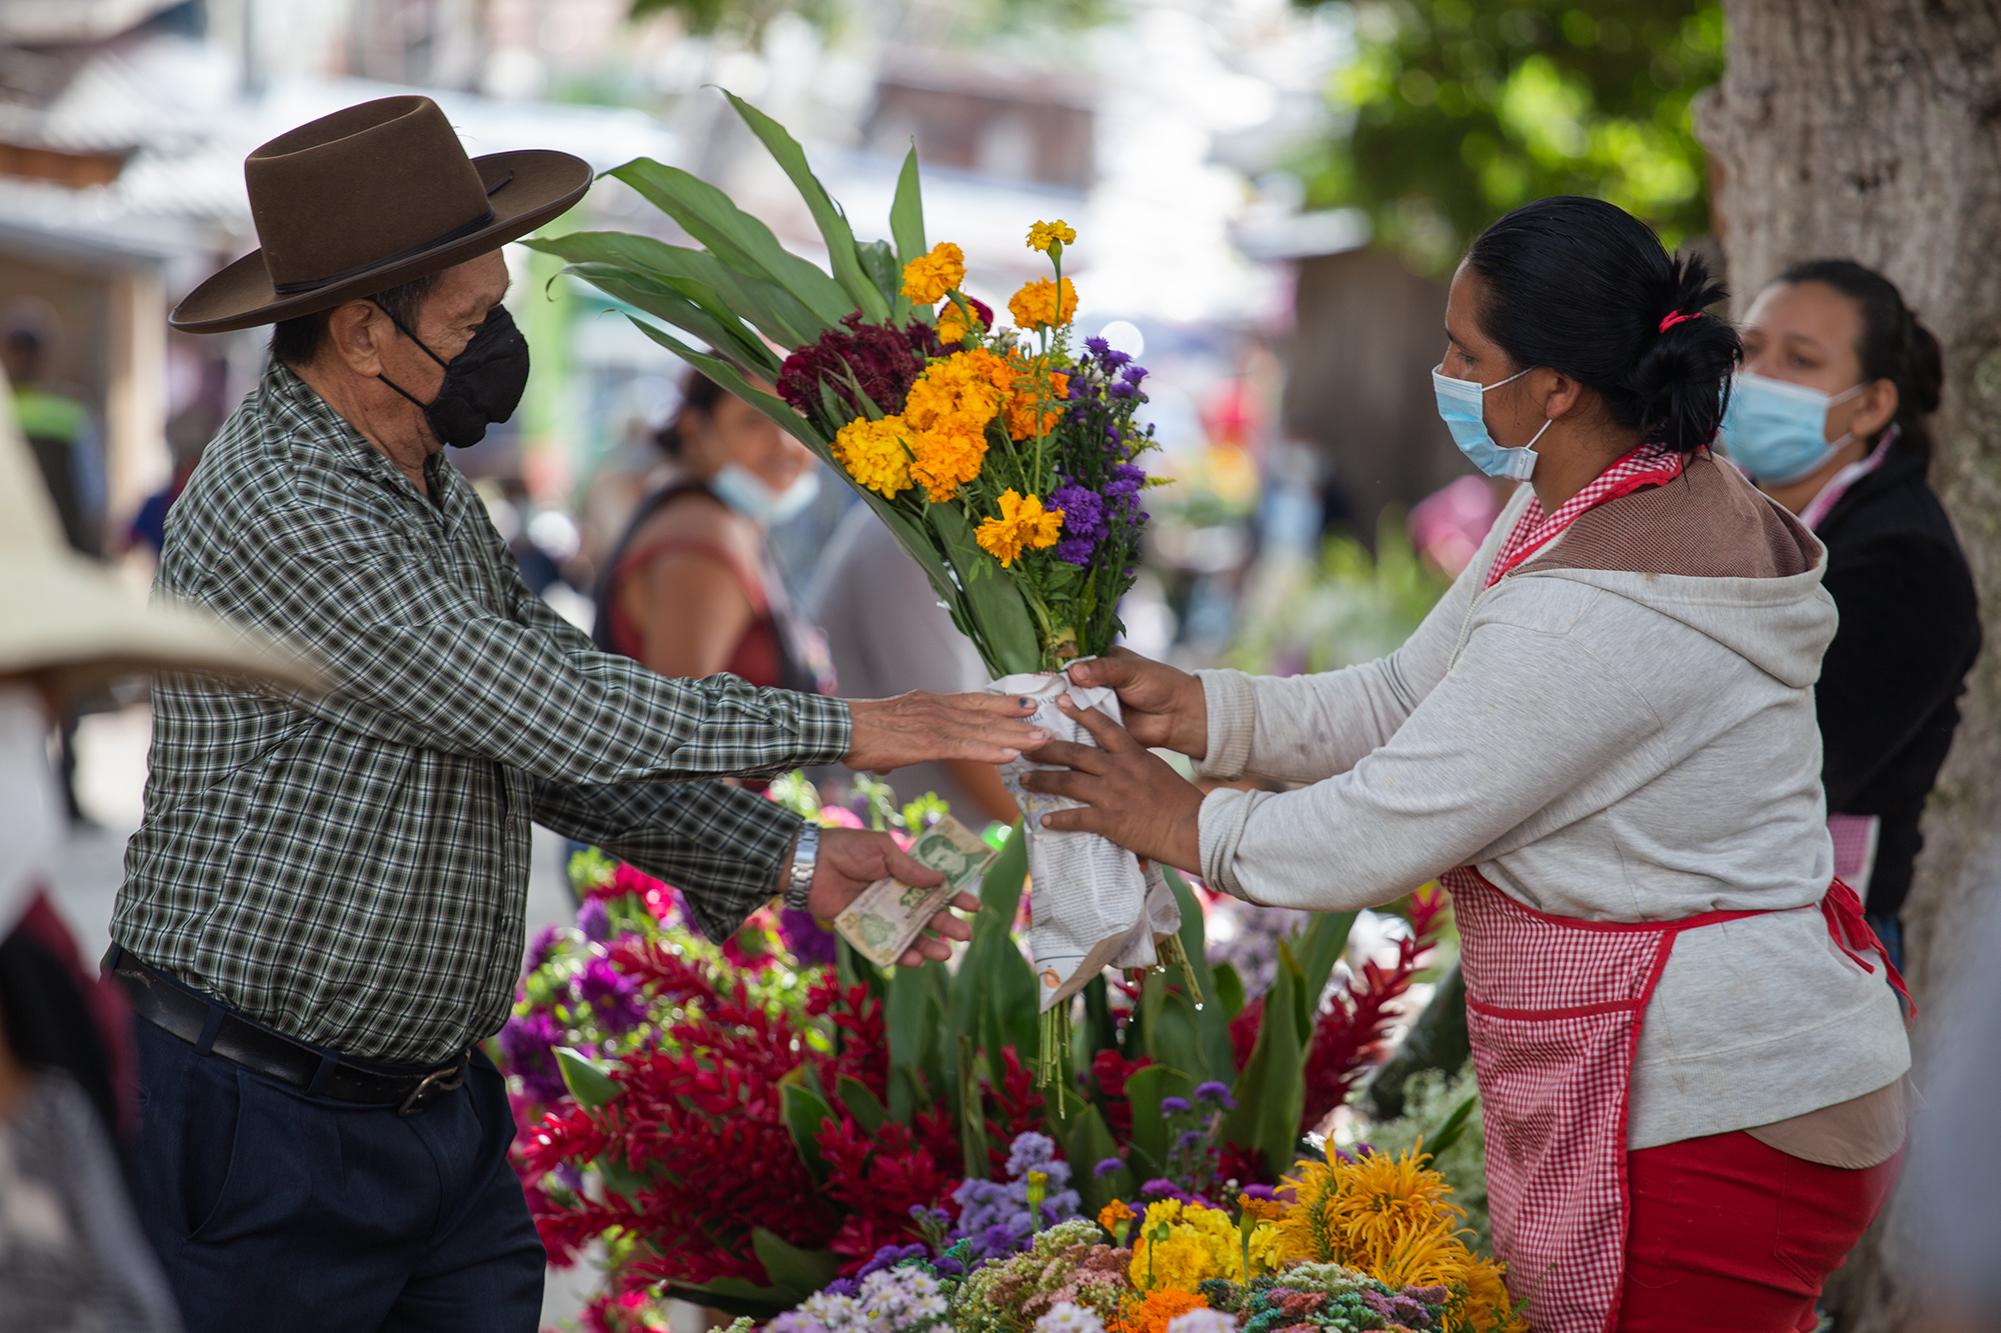 Un hombre compra flores en las afueras del Cementerio General de Comayagüela. 2 de noviembre de 2020. Foto: Martín Cálix.